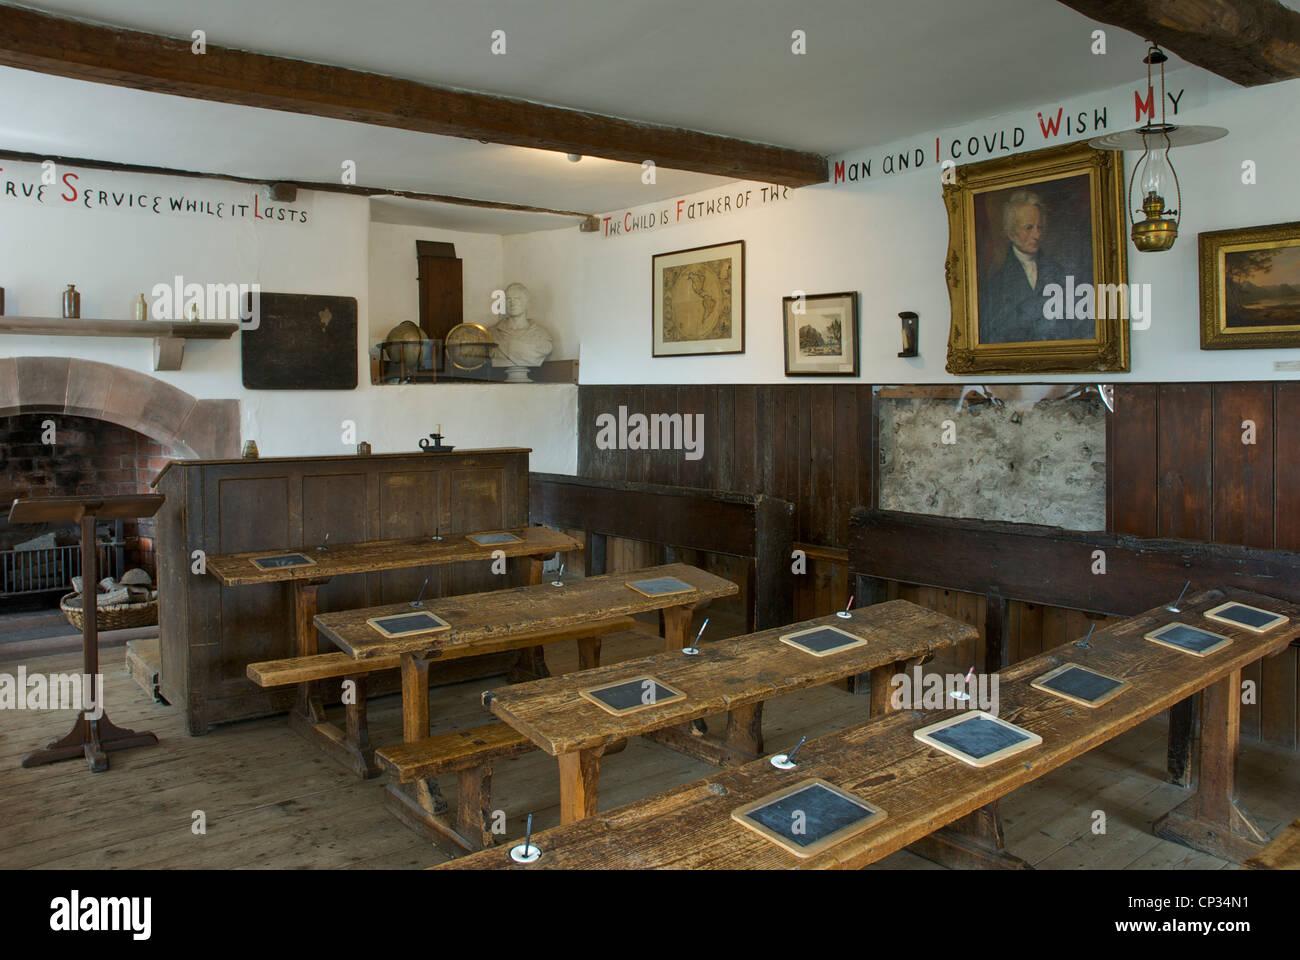 interior-of-hawkshead-grammar-school-museum-where-william-wordsworth-CP34N1.jpg